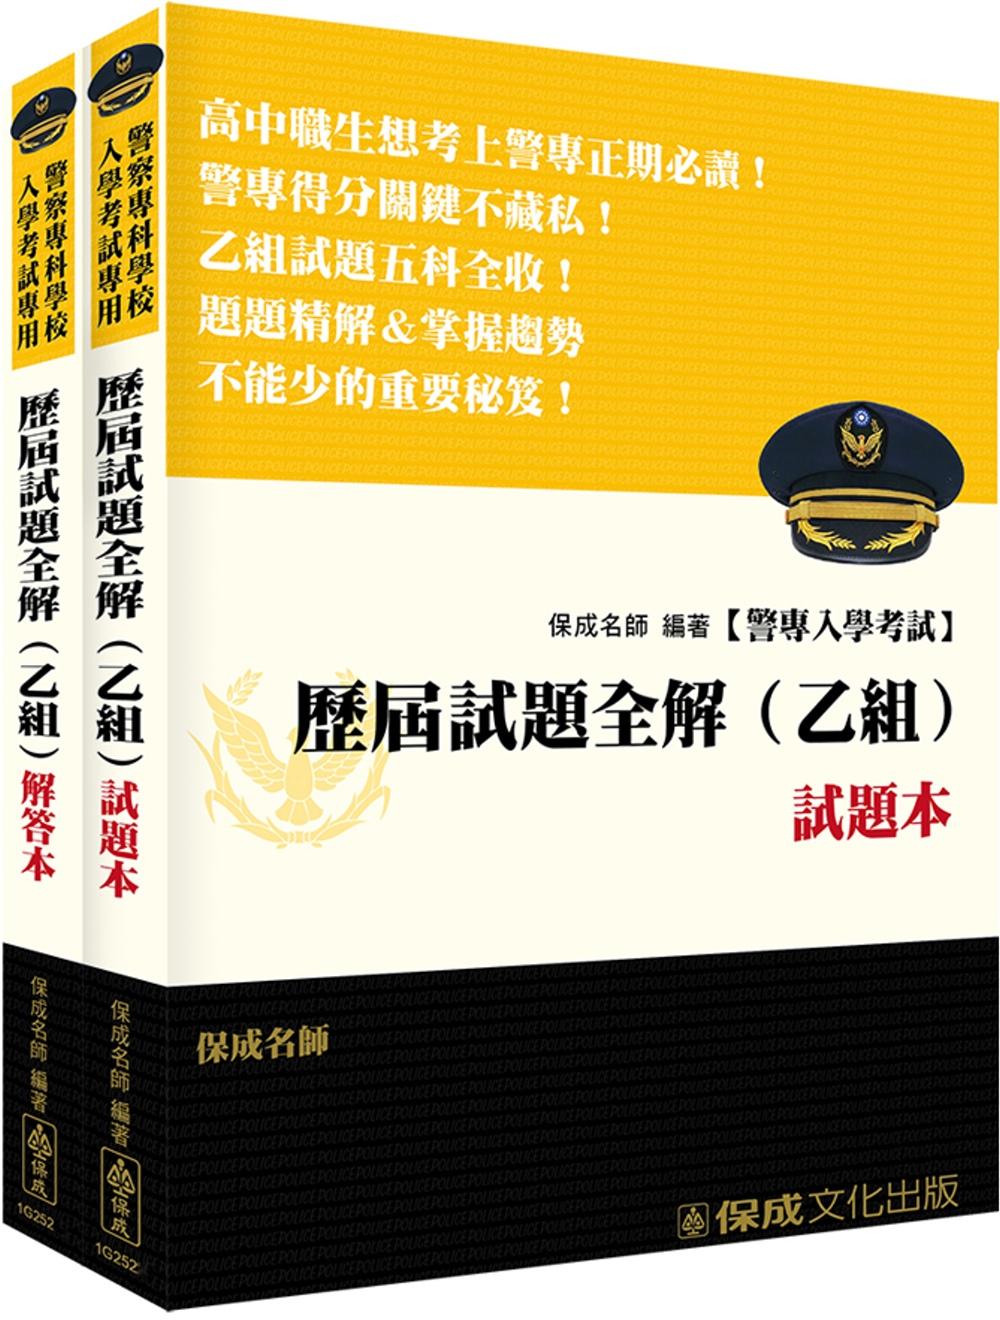 警專入學考試:歷屆試題全解(乙組)(含:試題本+解答本)<保成>